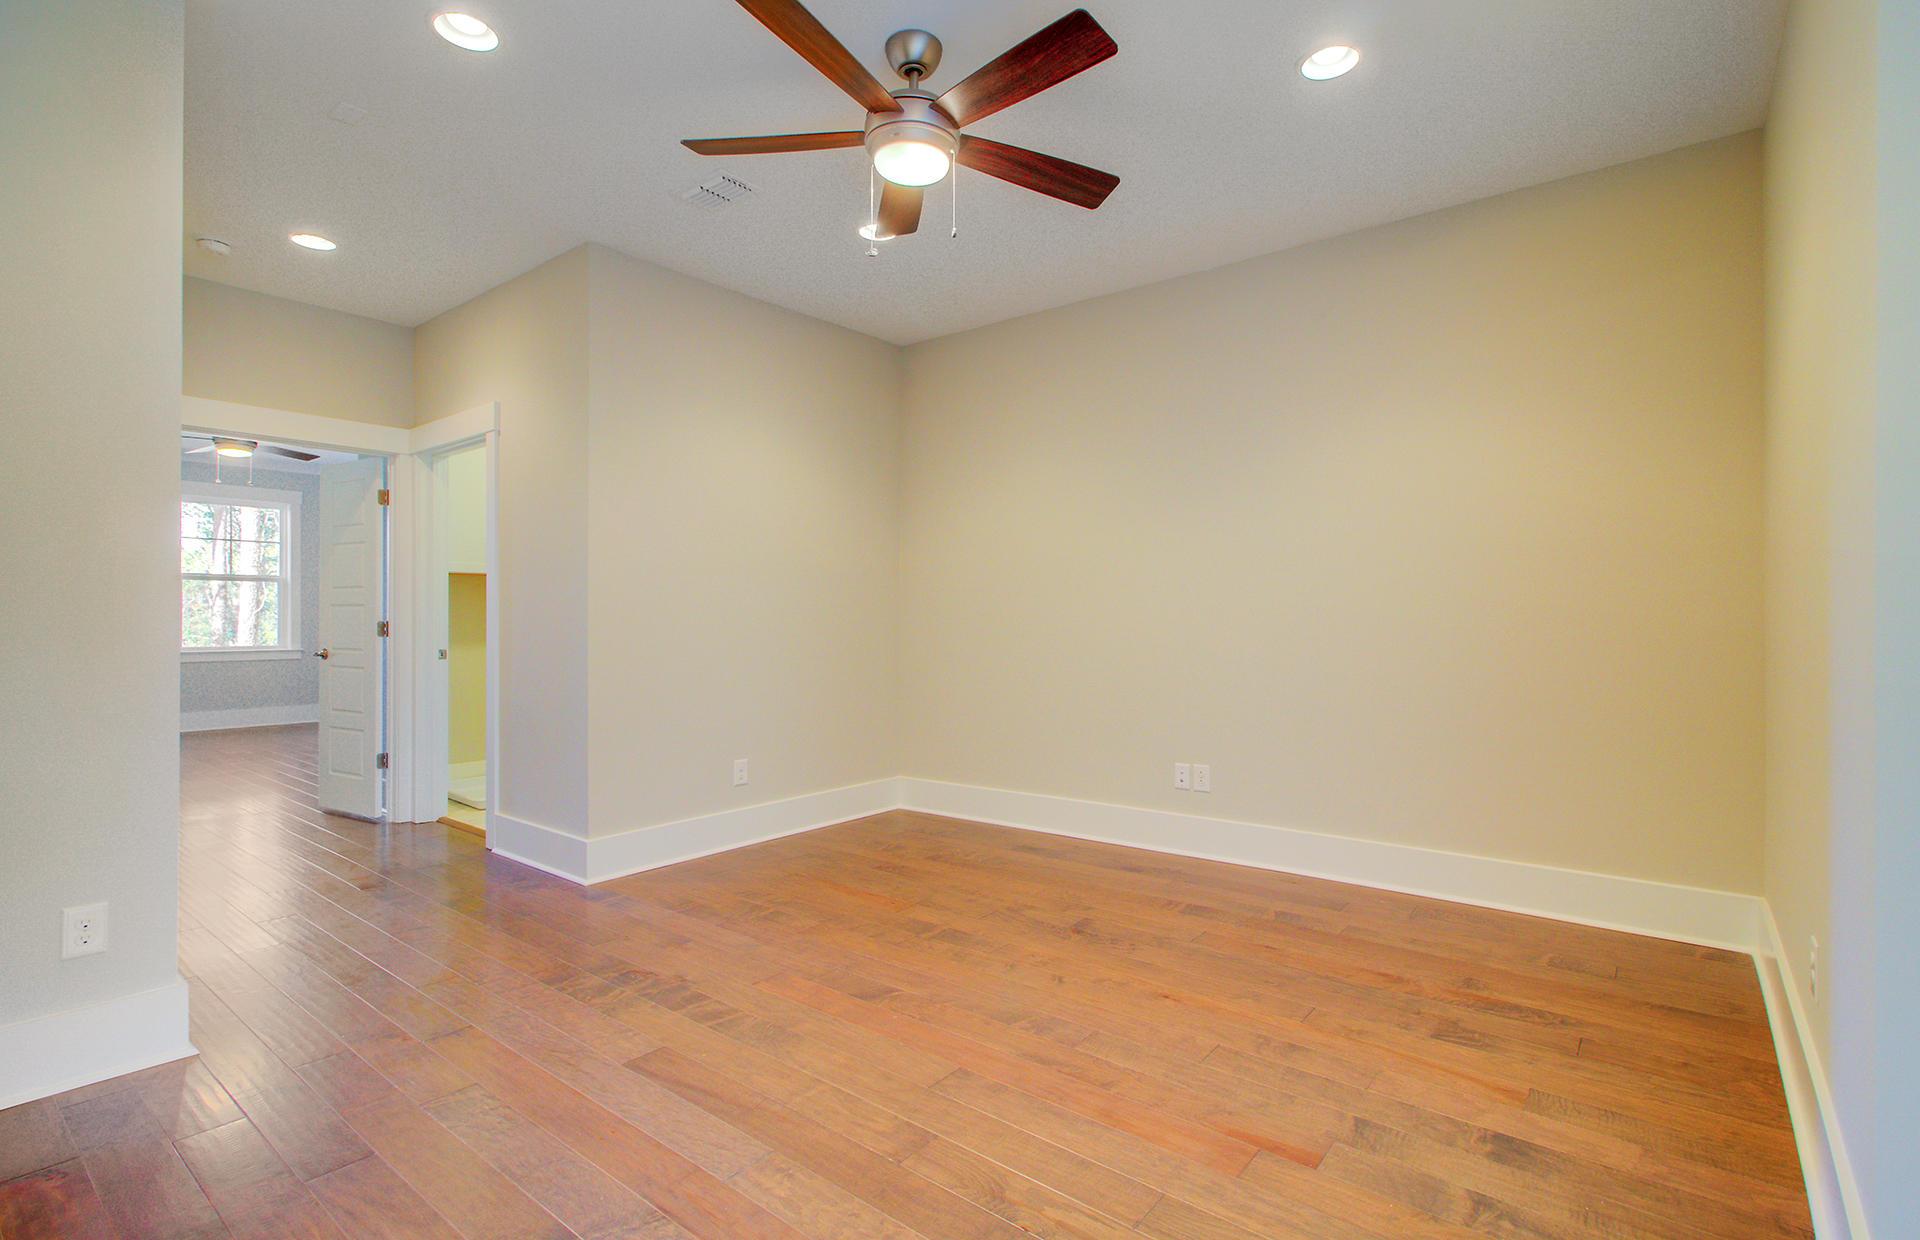 Dunes West Homes For Sale - 2420 Brackish, Mount Pleasant, SC - 16